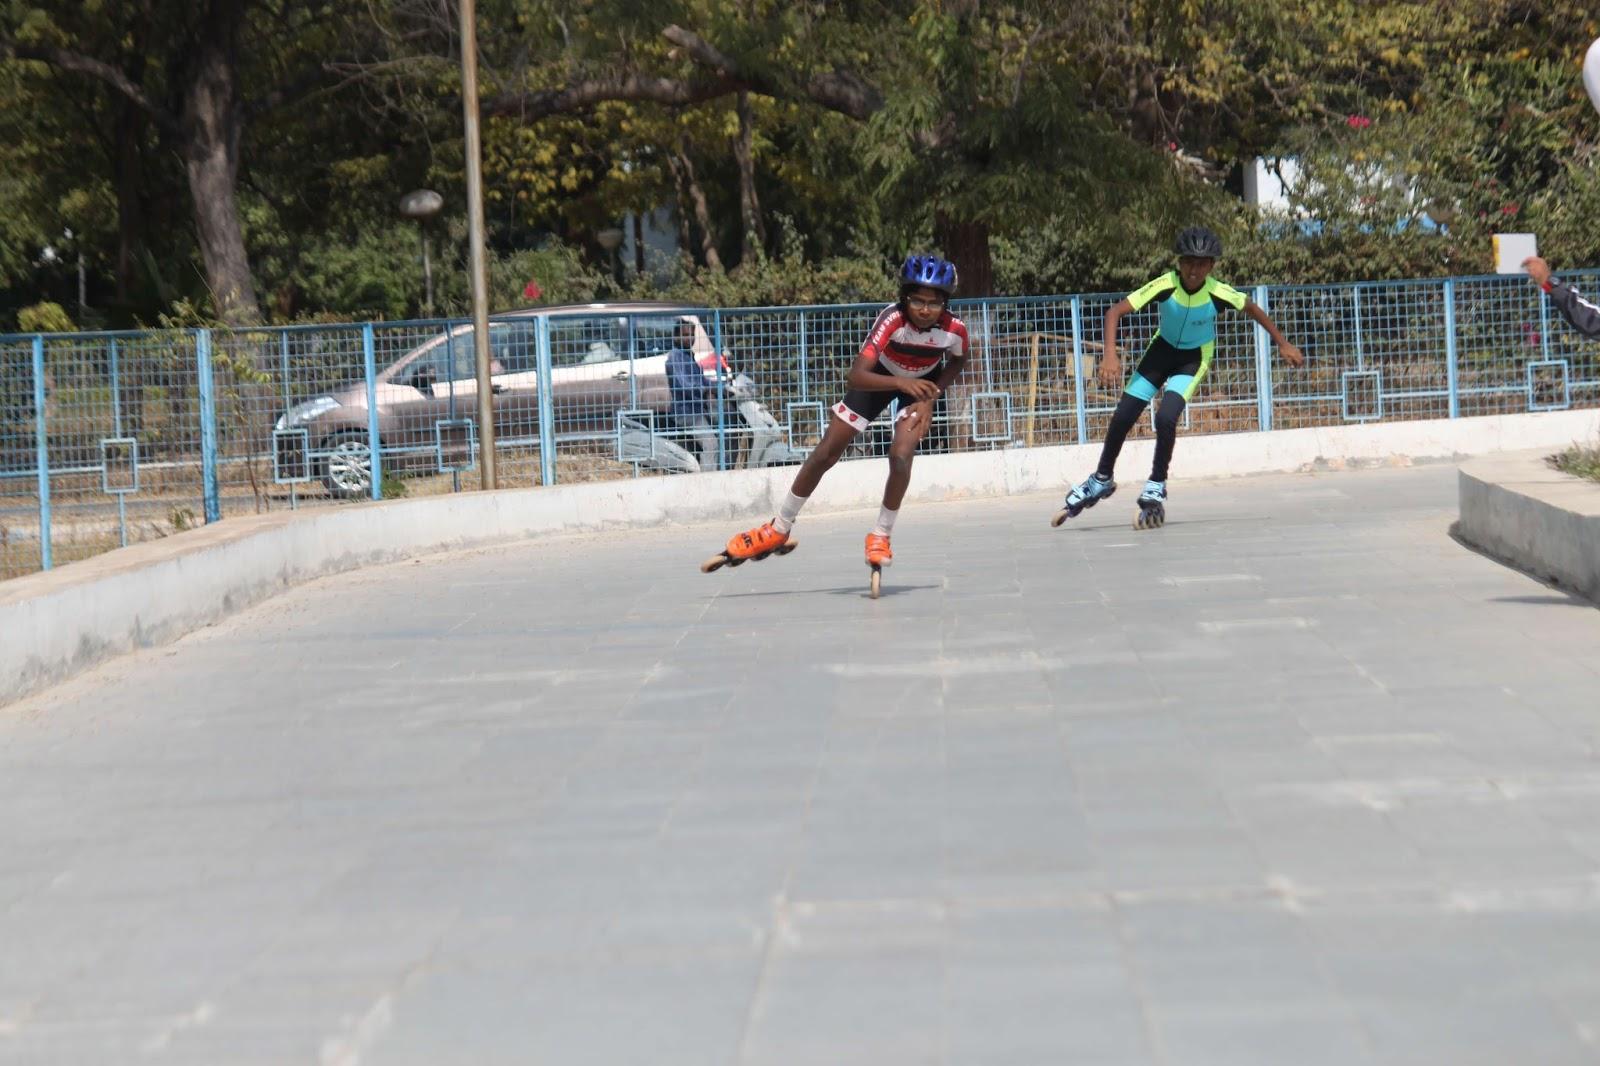 skating classes at meridian school in hyderabad skate footwear